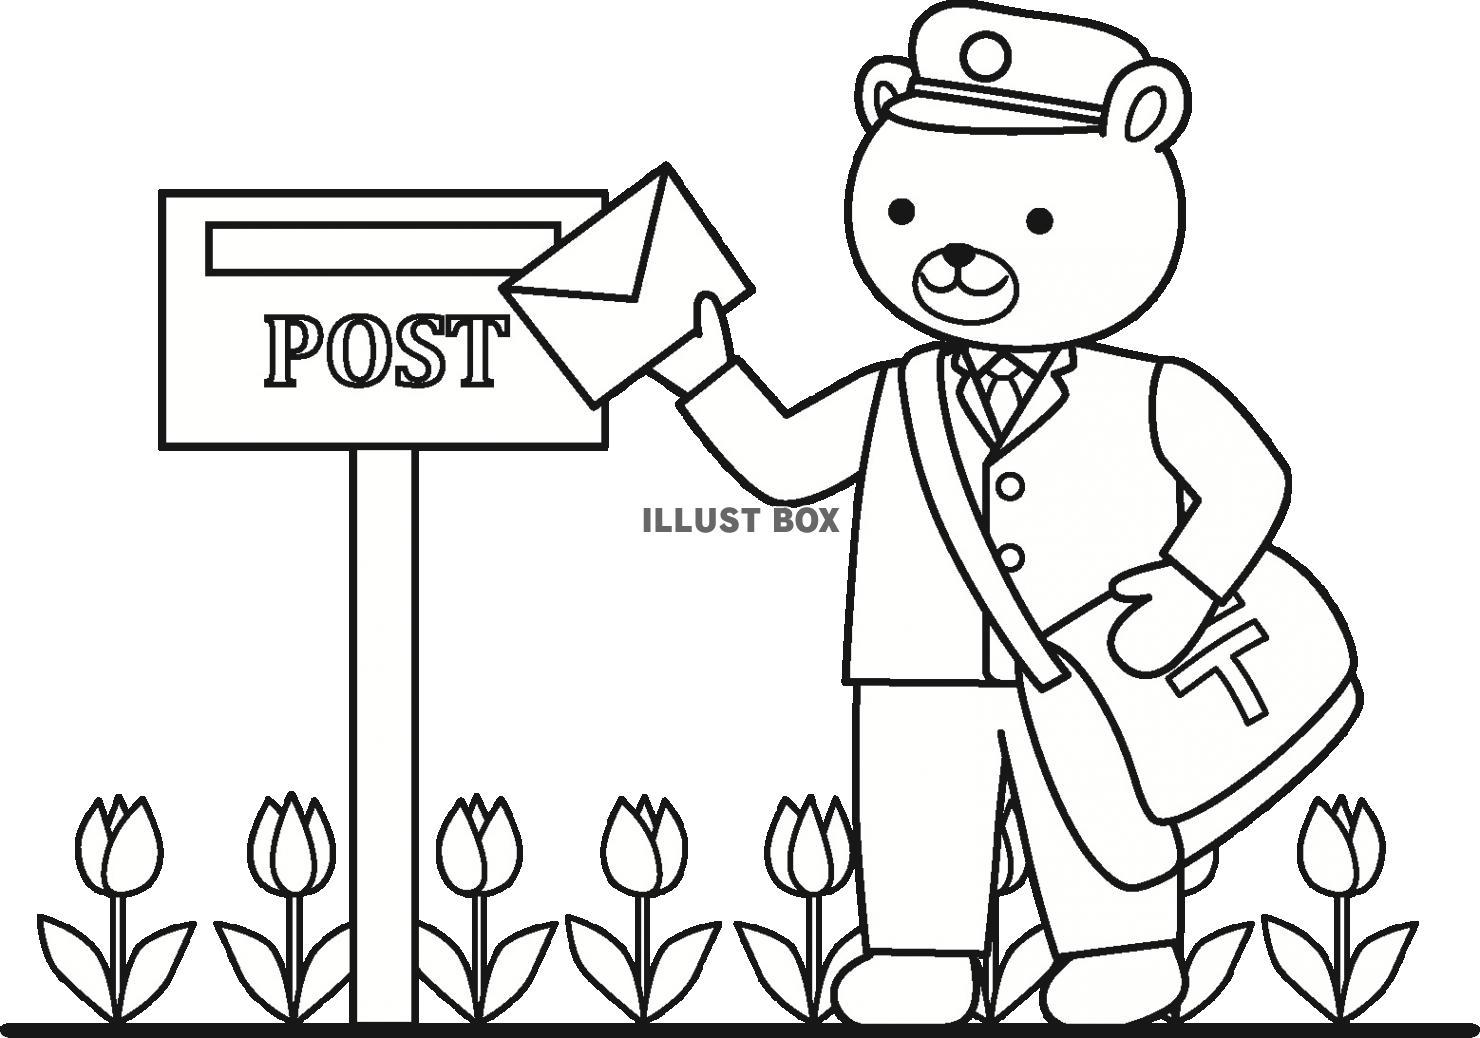 無料イラスト クマの郵便屋さん1(塗り絵)